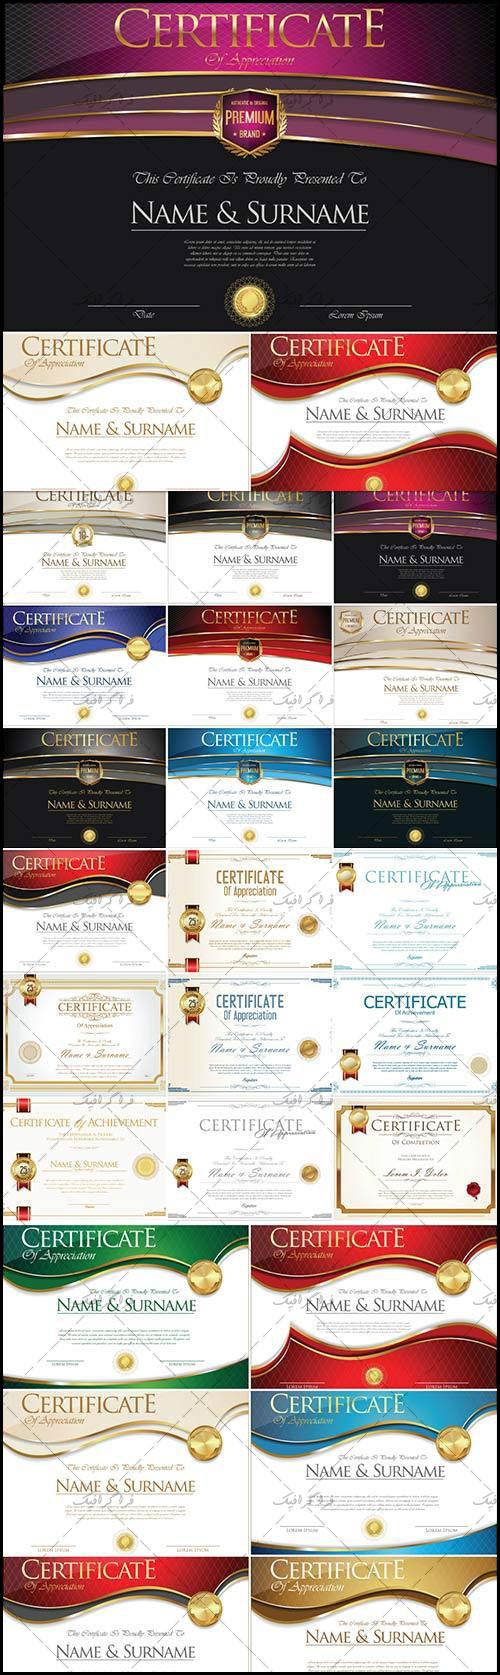 دانلود وکتور طرح های گواهینامه و دیپلم مهارت - شماره 7